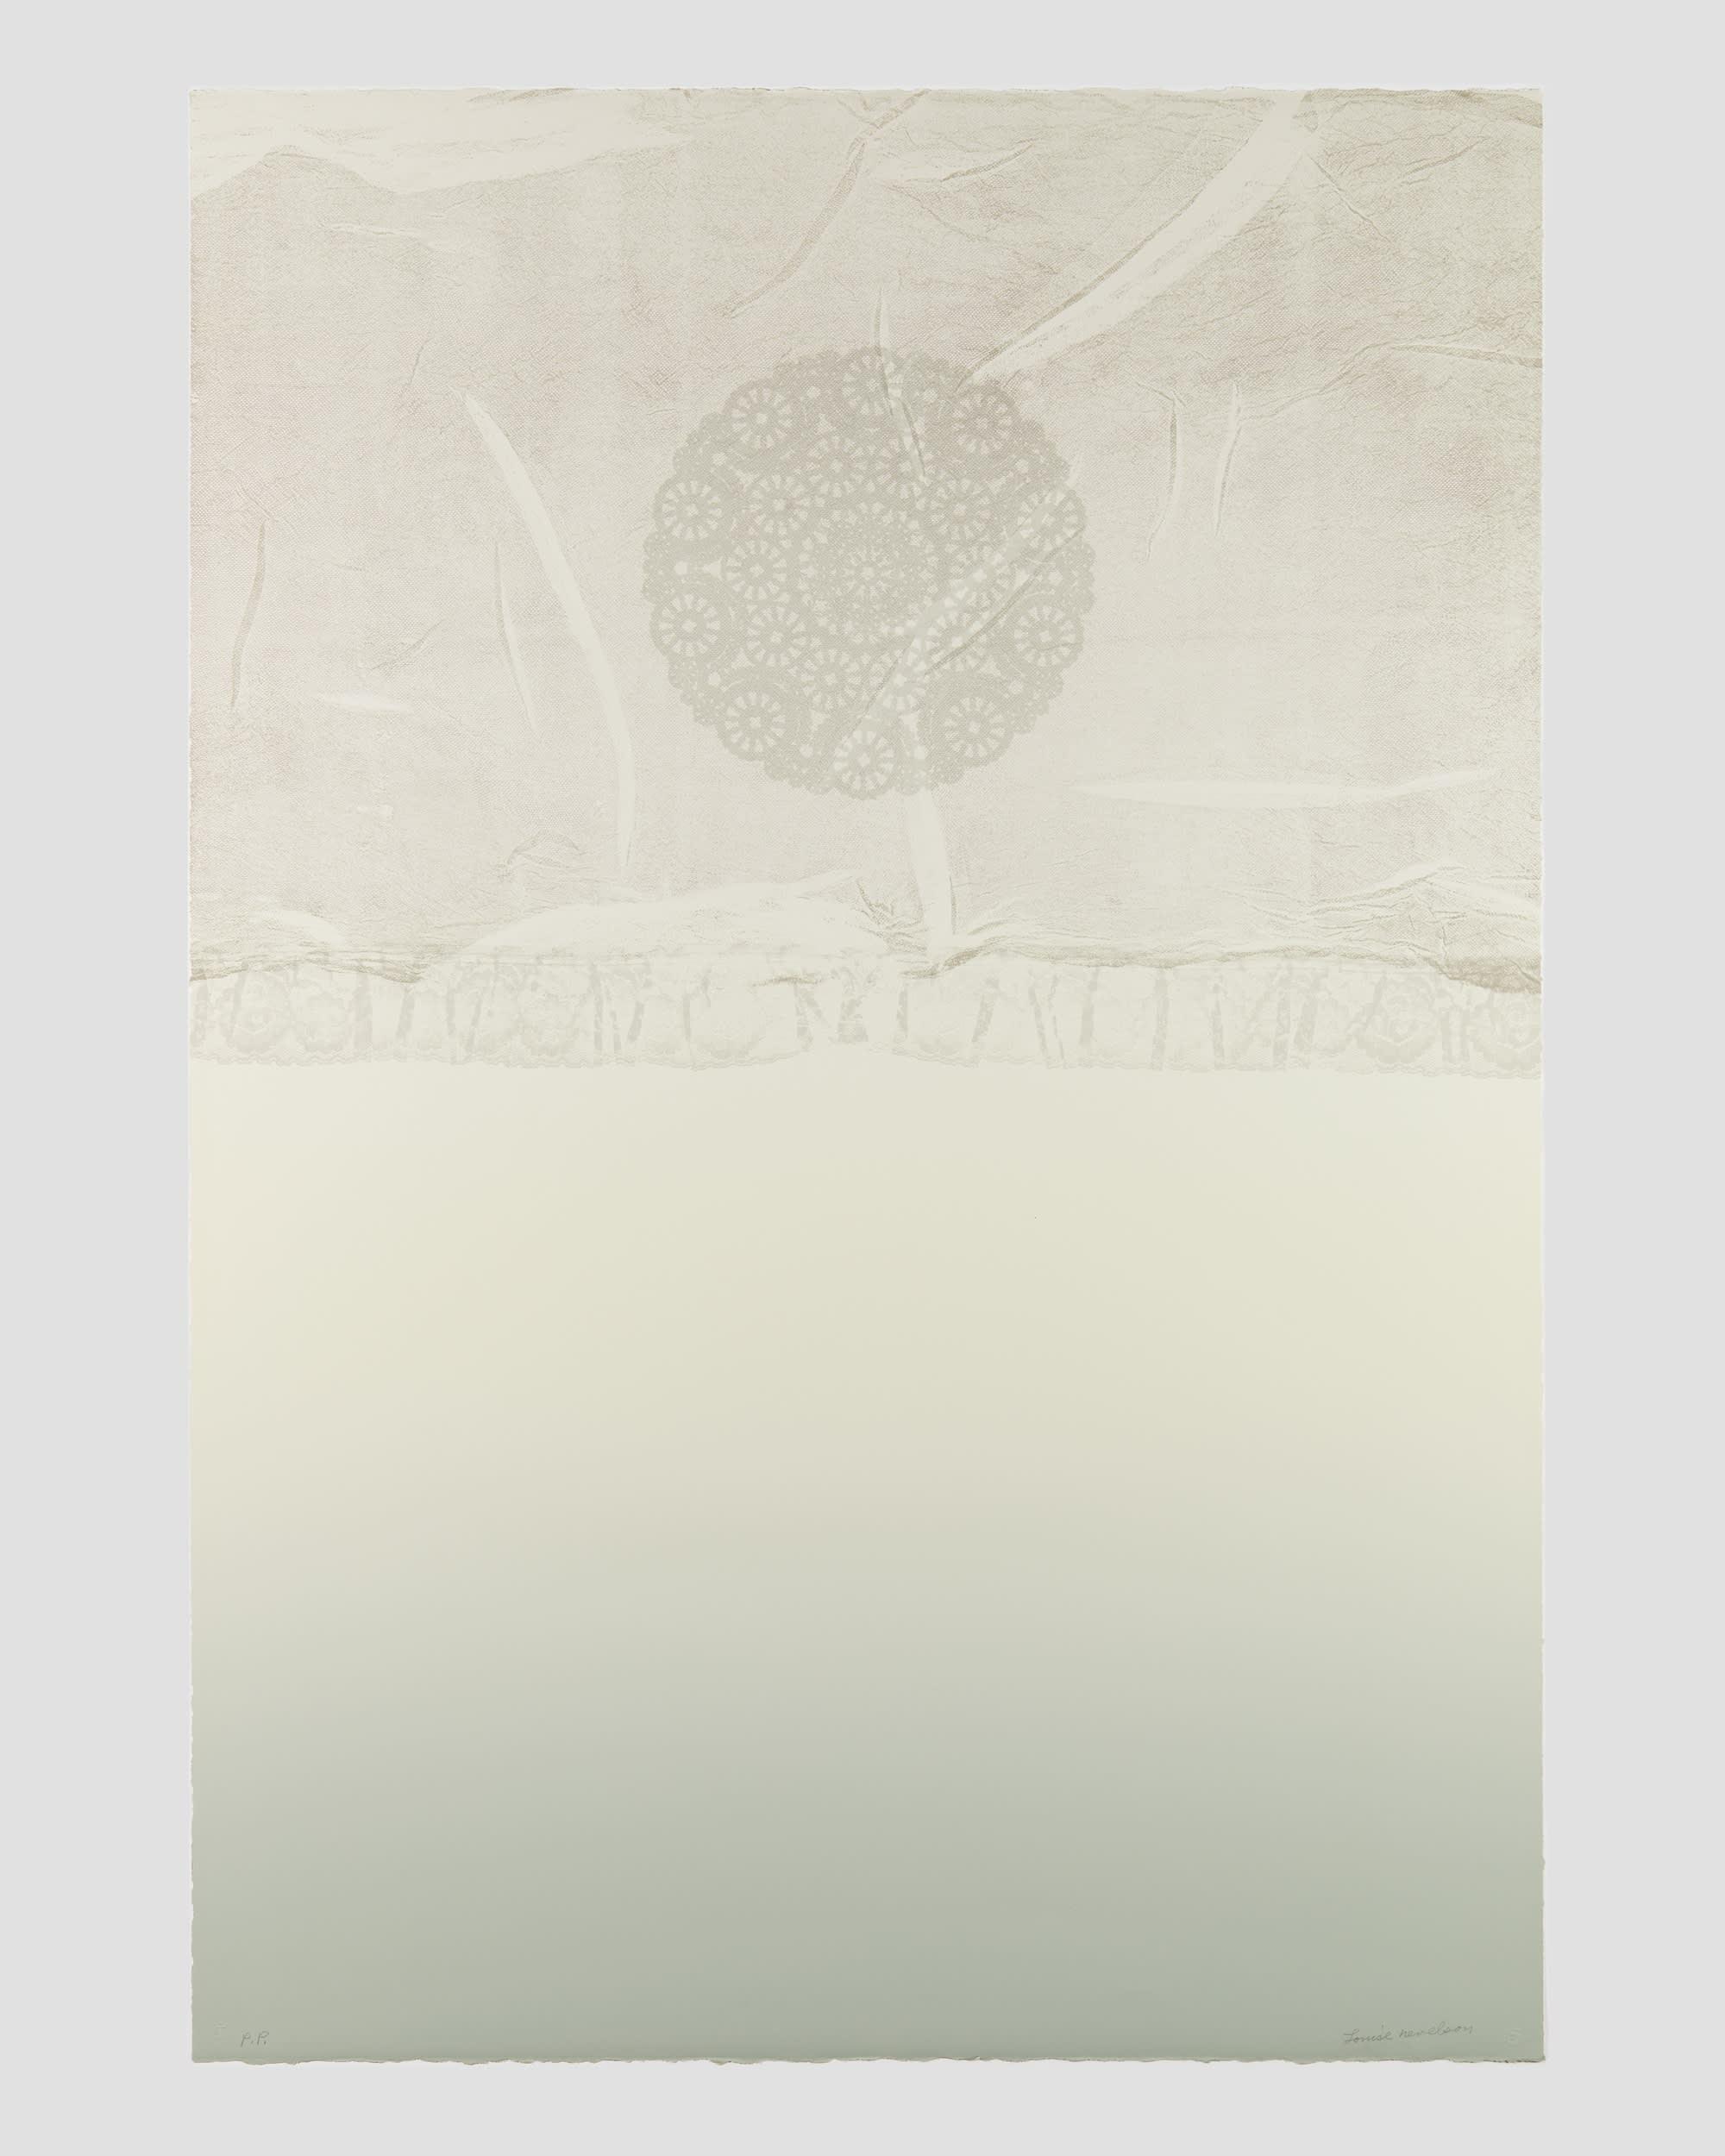 Louise Nevelson Print- Zane Bennett Gallery